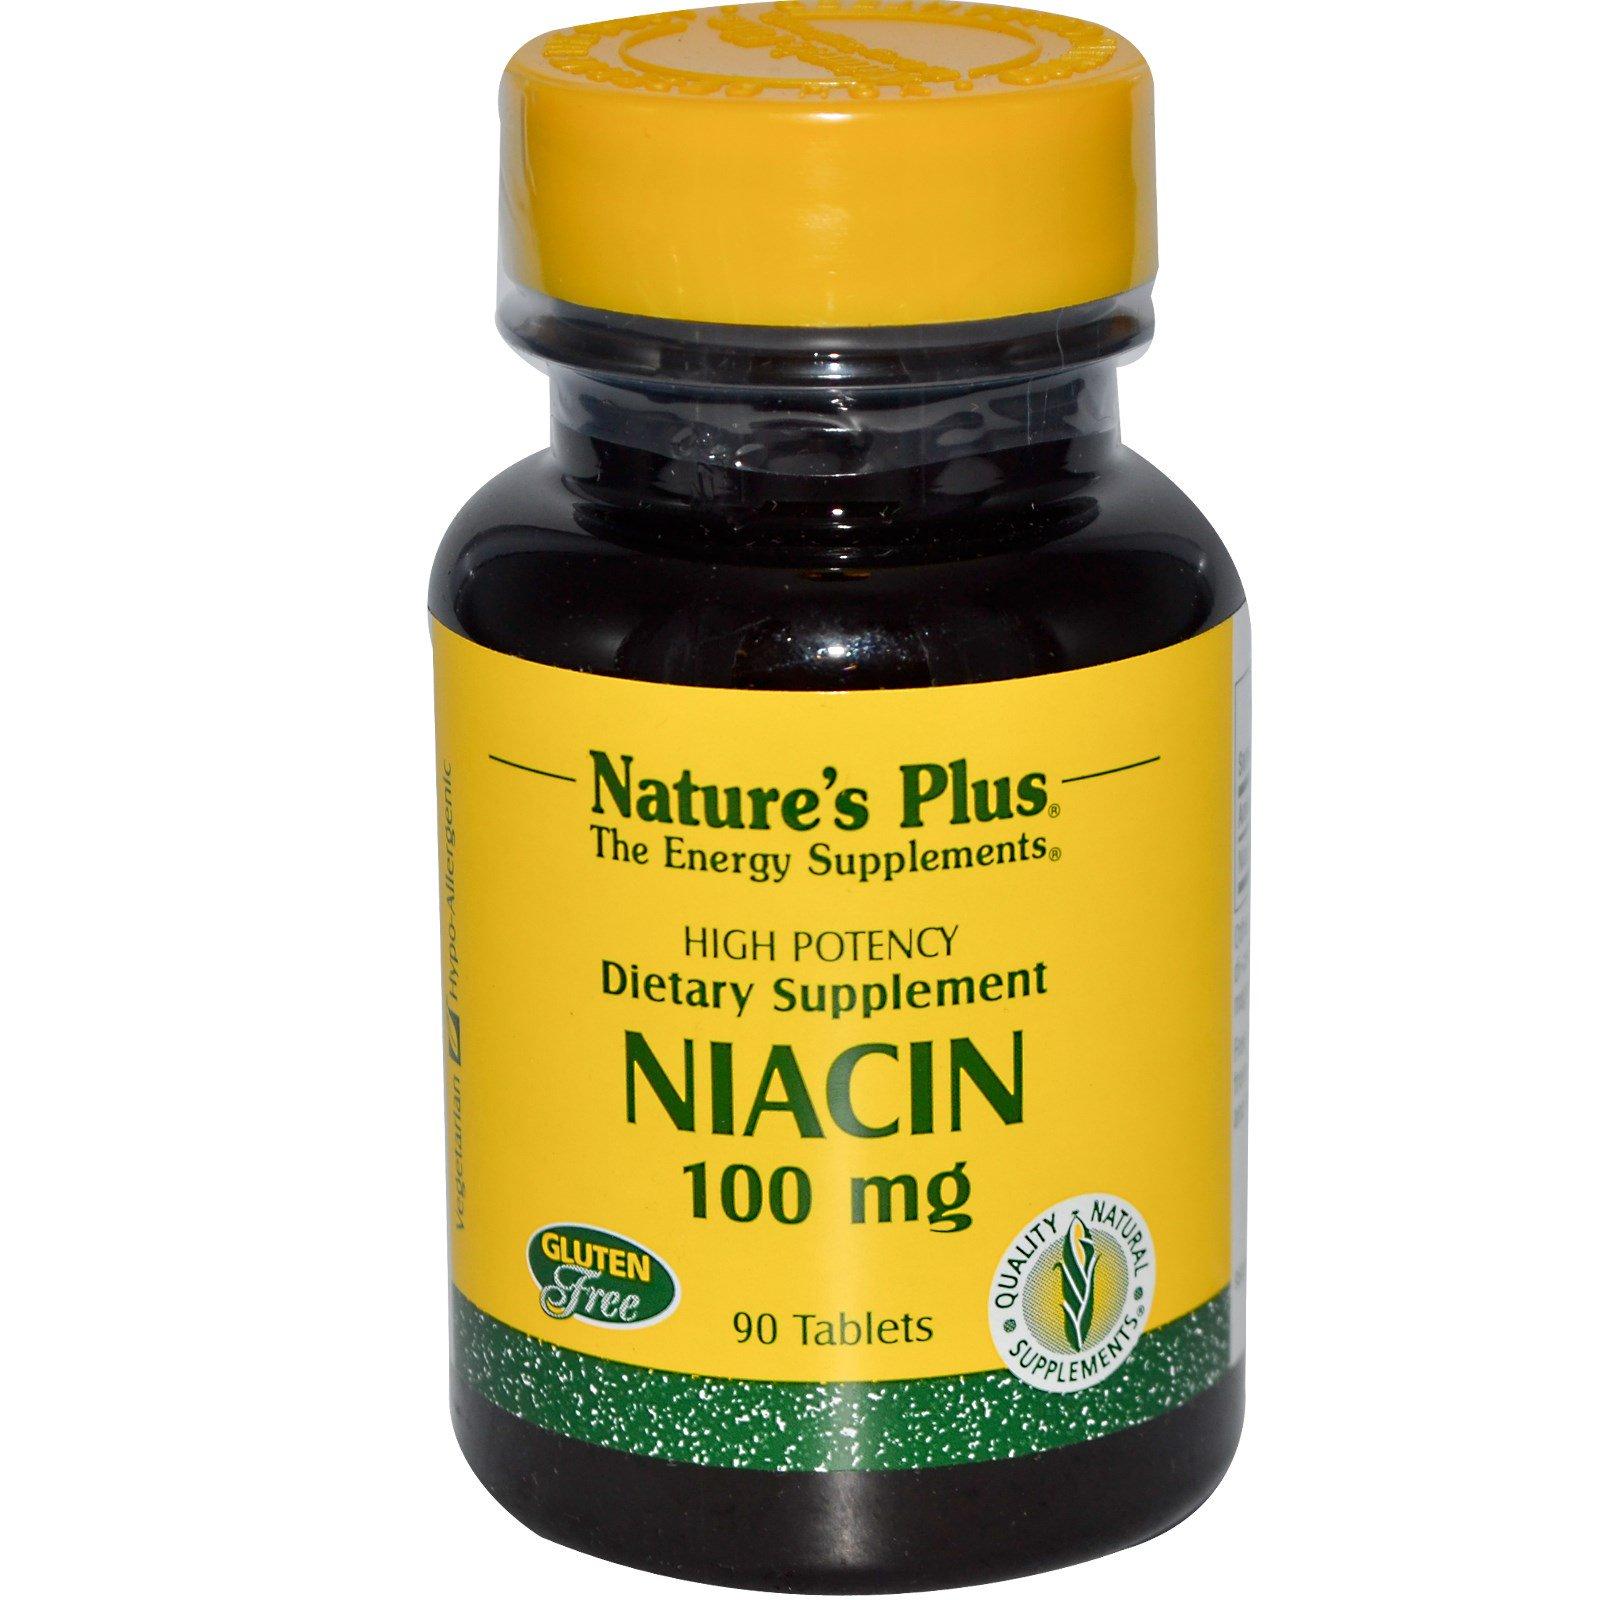 Никотиновая кислота в таблетках для волос. Инструкция по применению, цена. Маски для роста, отзывы врачей, фото до и после применения